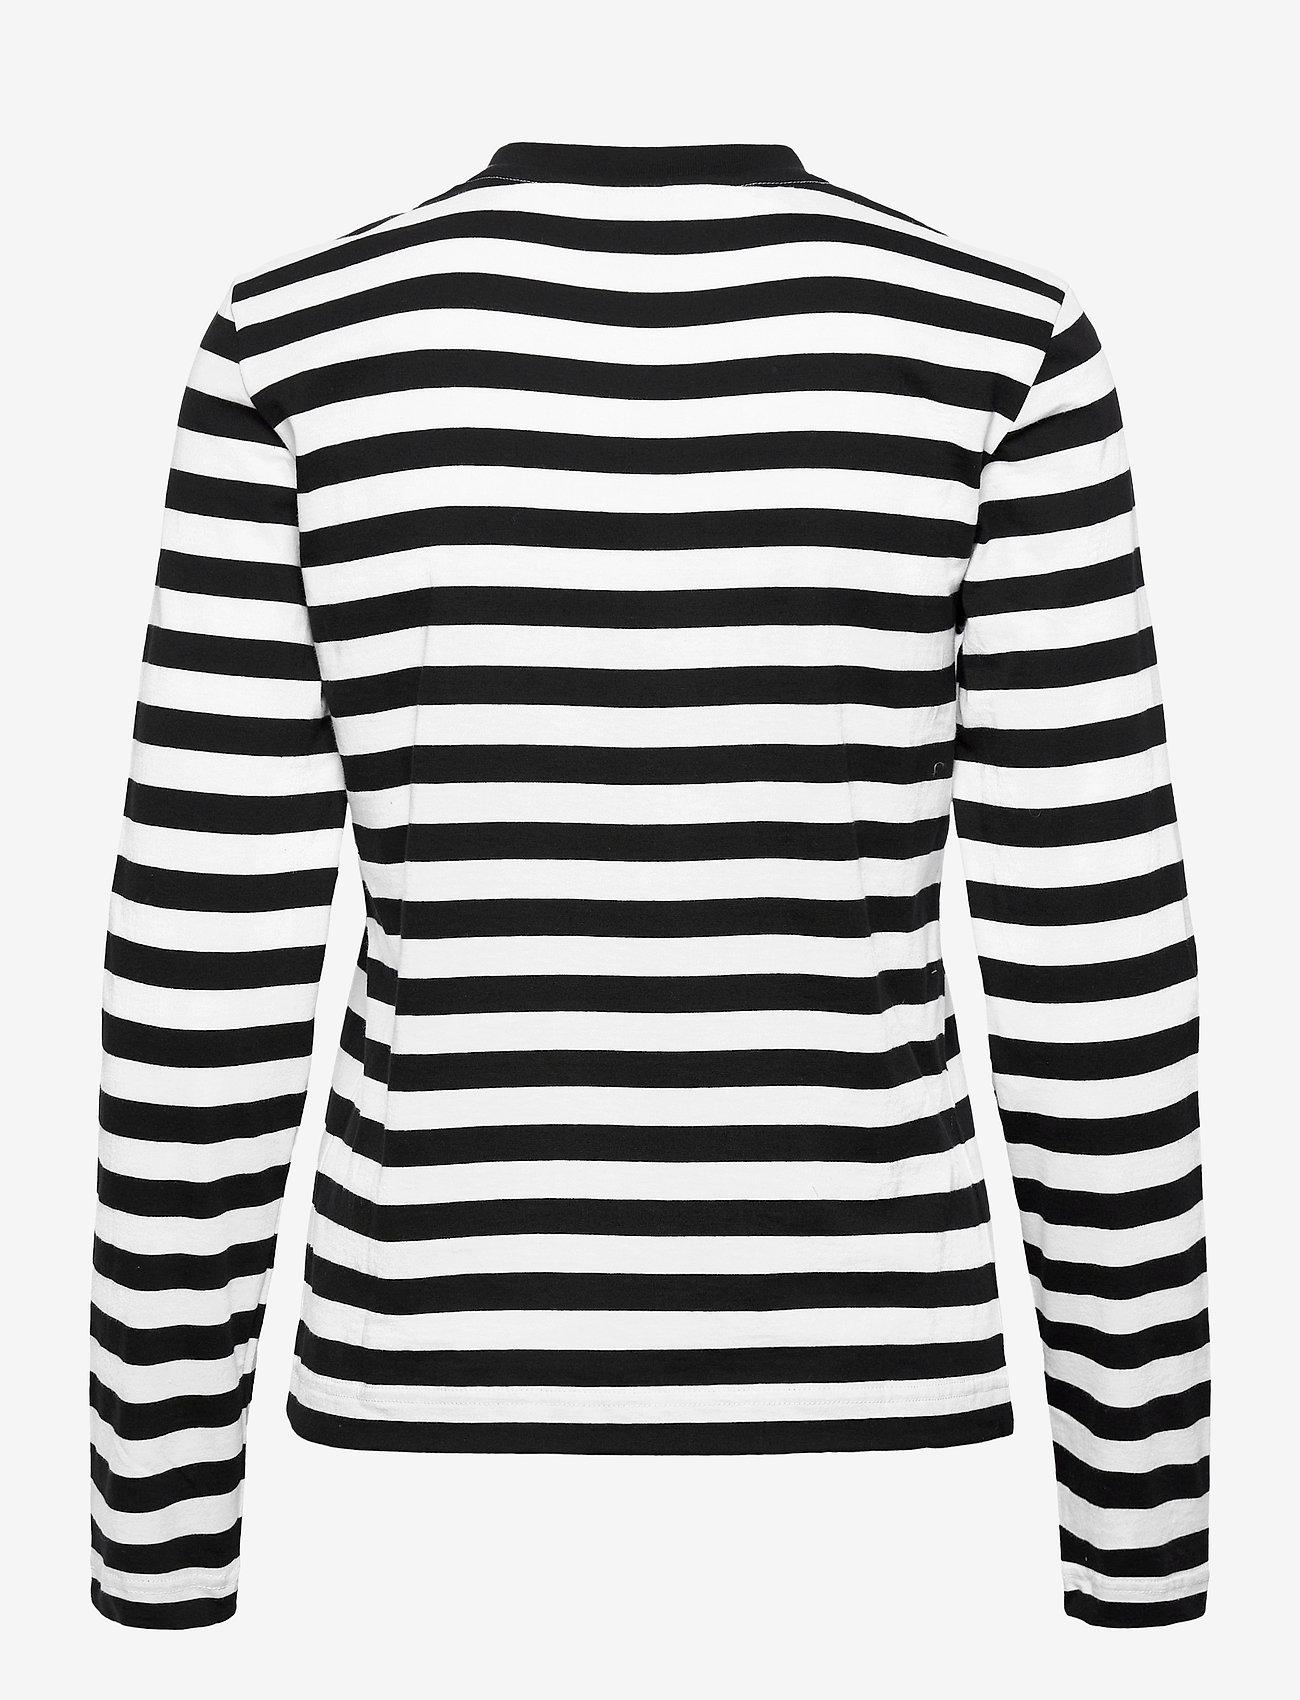 Baum und Pferdgarten - JOEANA - långärmade toppar - black and white stripe - 1